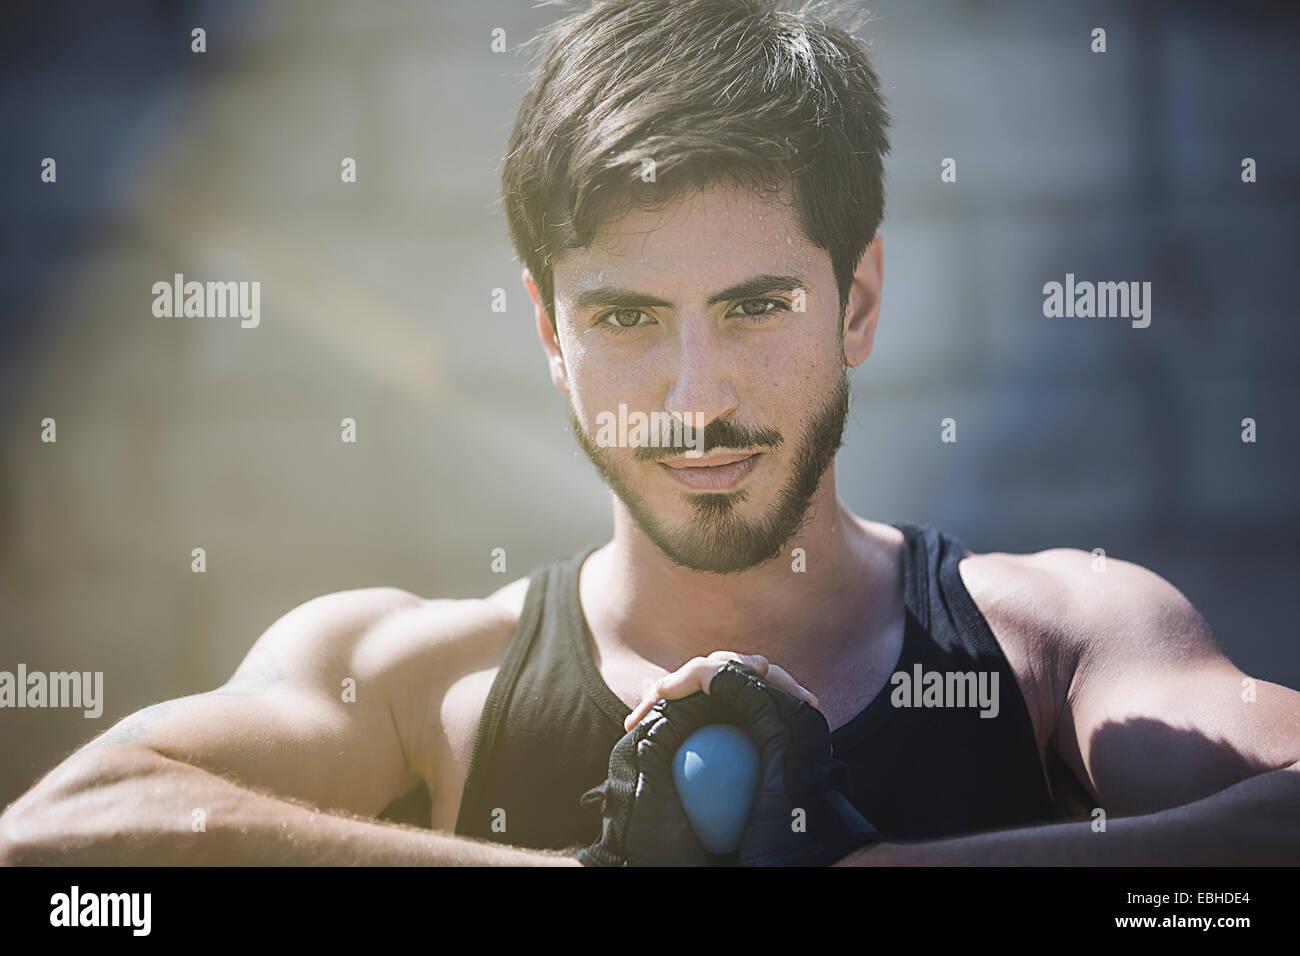 Retrato de joven jugador de balonmano masculino sosteniendo la bola Imagen De Stock